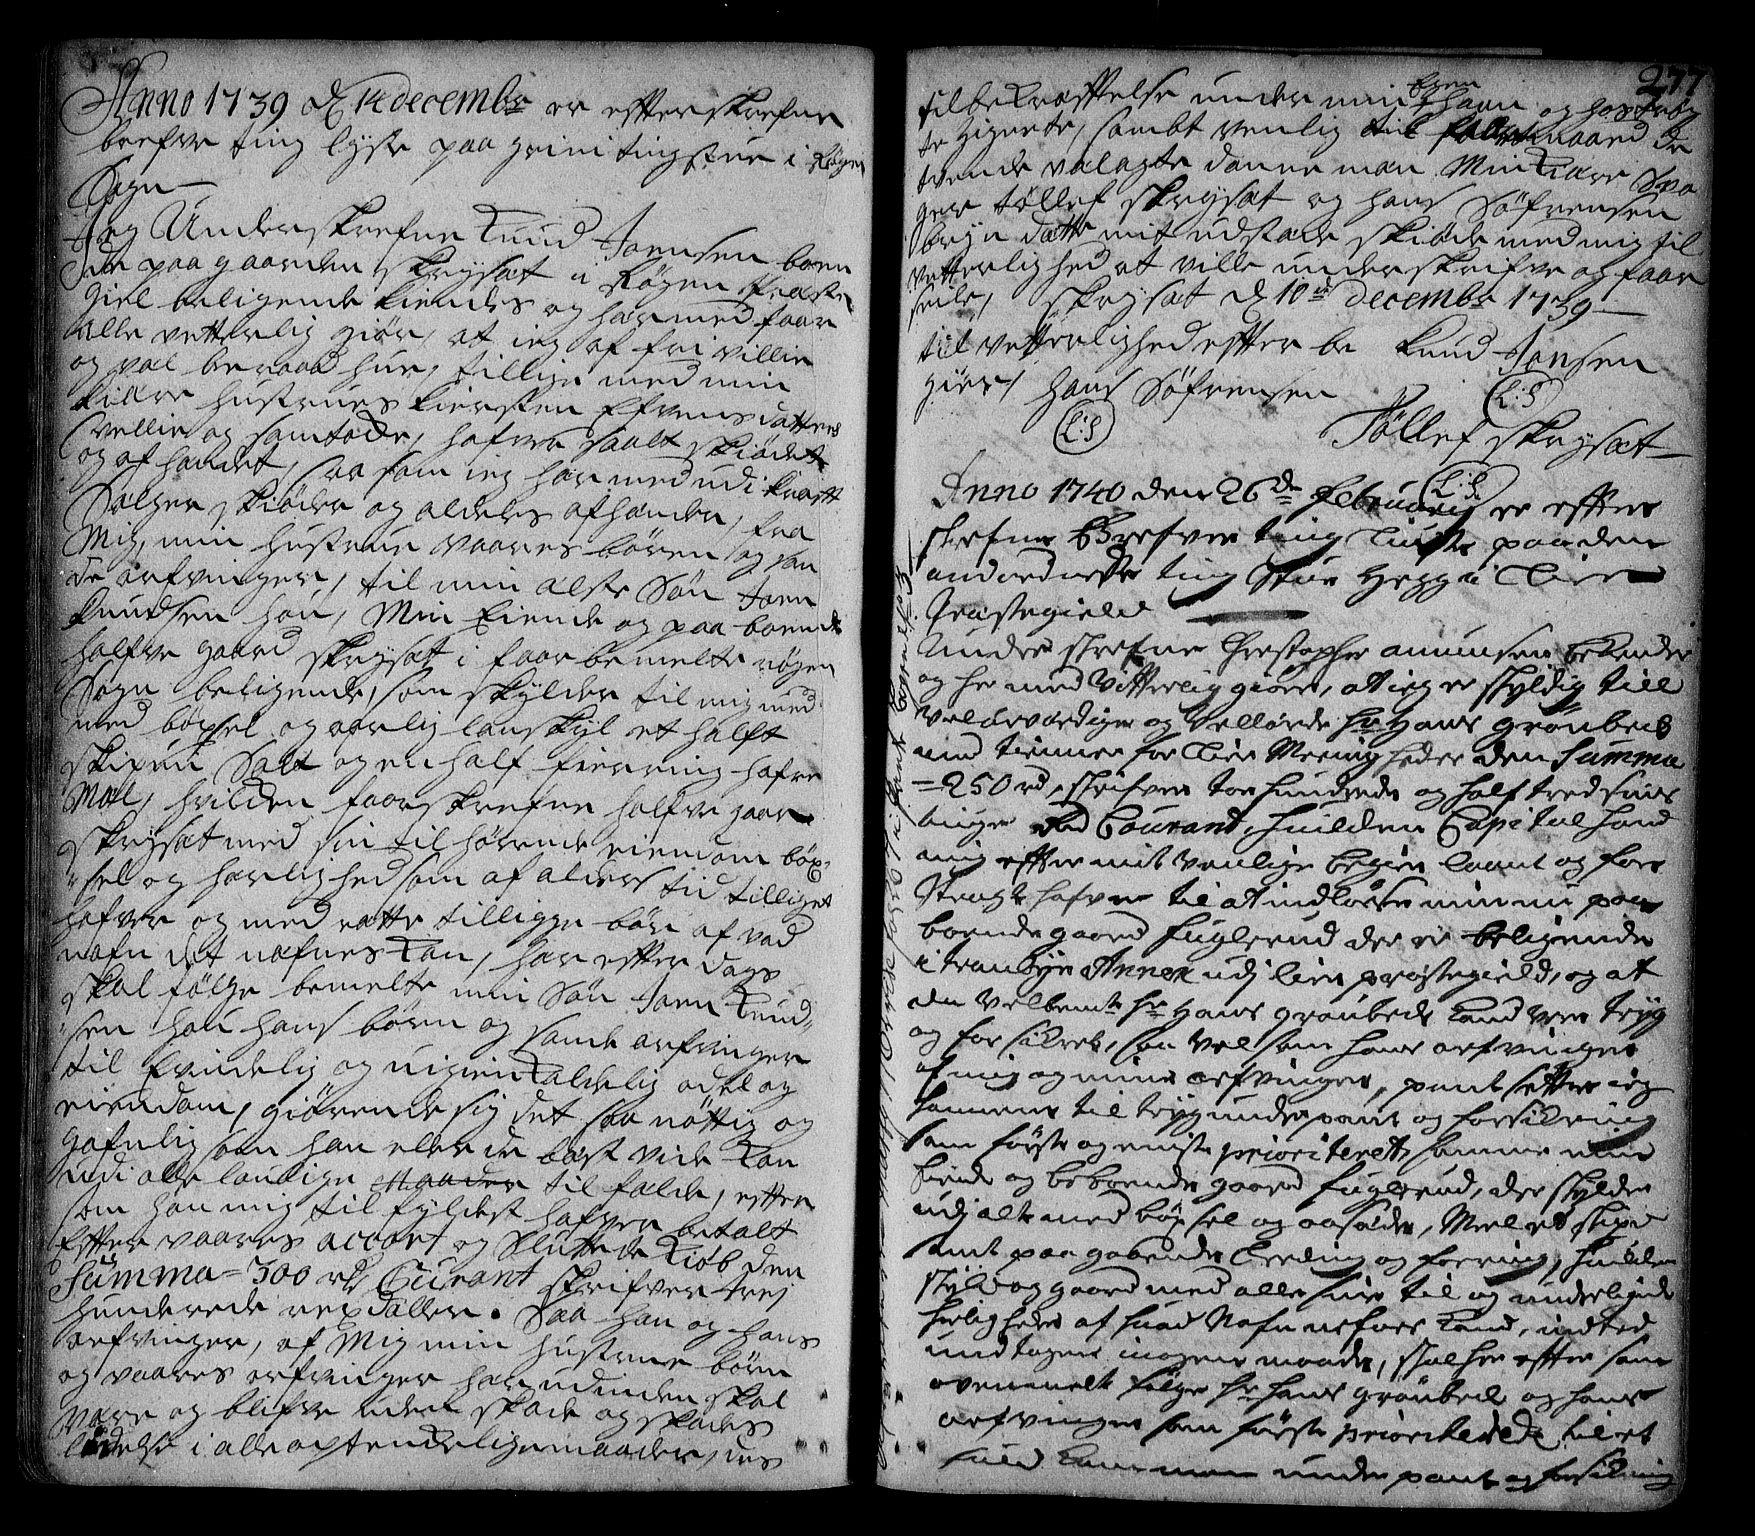 SAKO, Lier, Røyken og Hurum sorenskriveri, G/Ga/Gaa/L0002: Pantebok nr. II, 1725-1755, s. 277